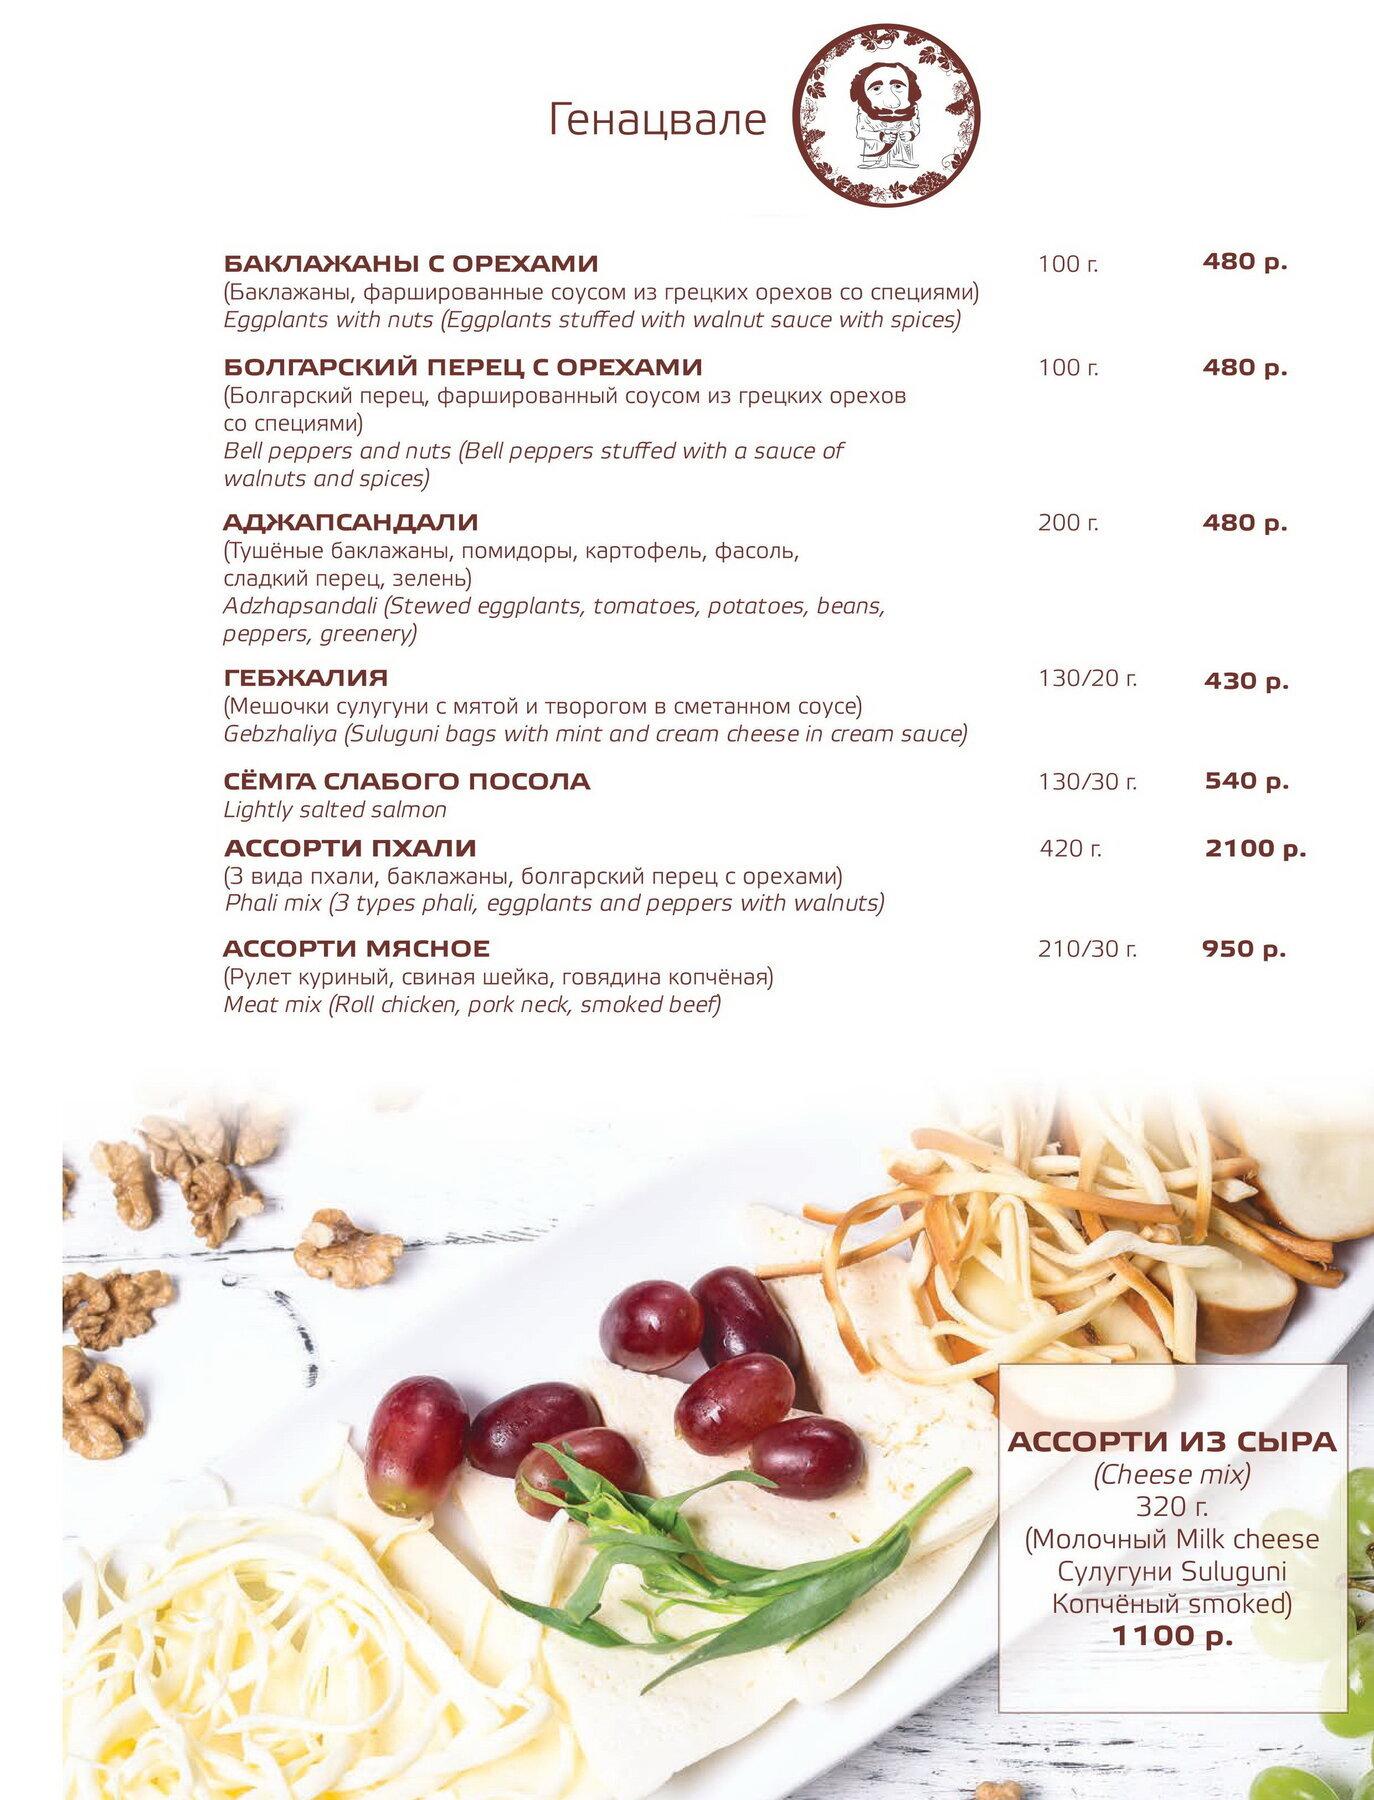 Меню ресторана Генацвале VIP на улице Остоженка фото 2